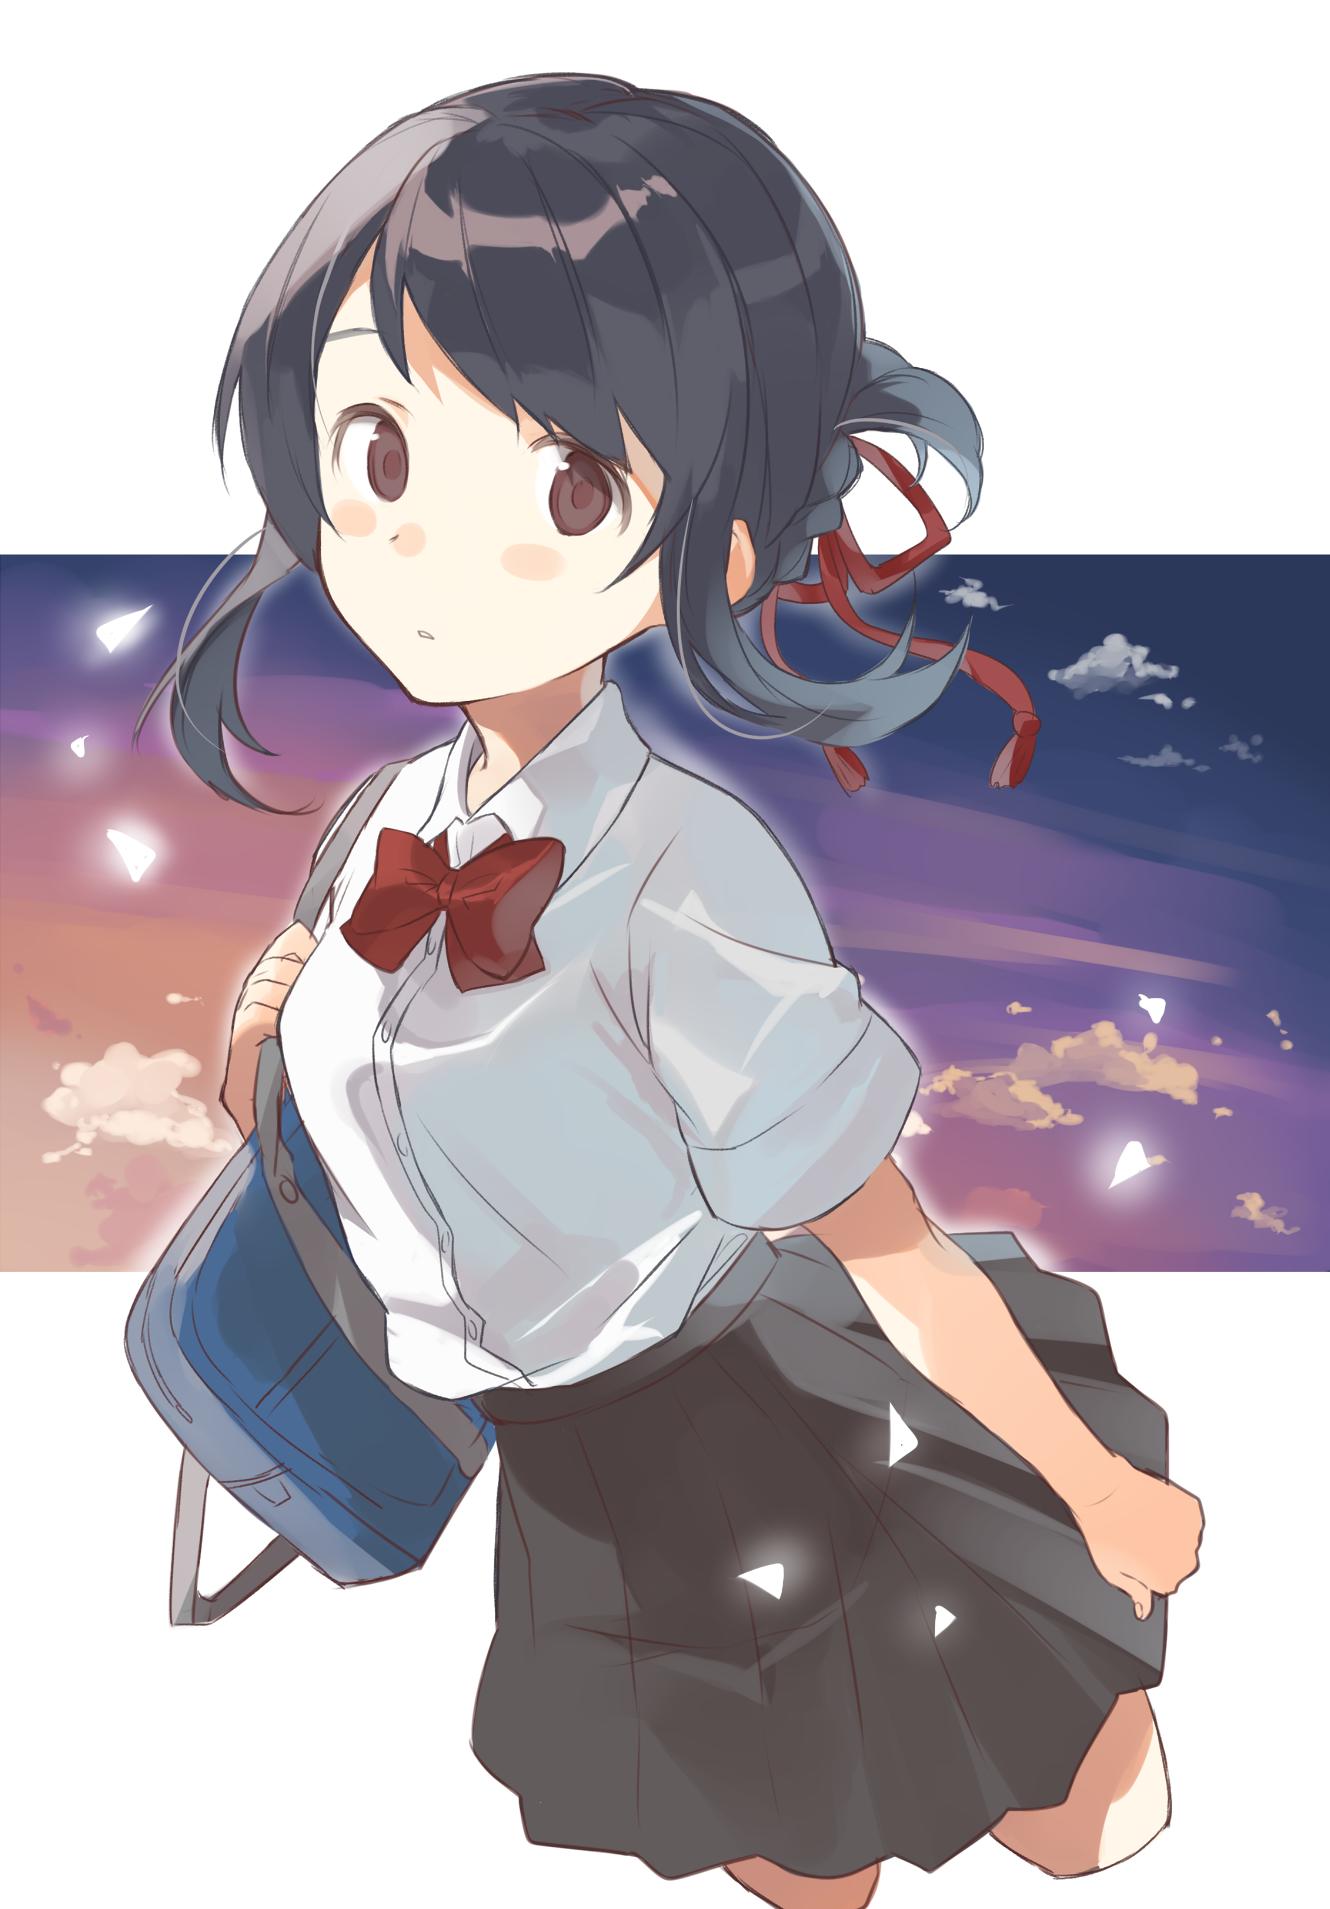 Miyamizu Mitsuha Kimi No Na Wa Your Name Anime Anime